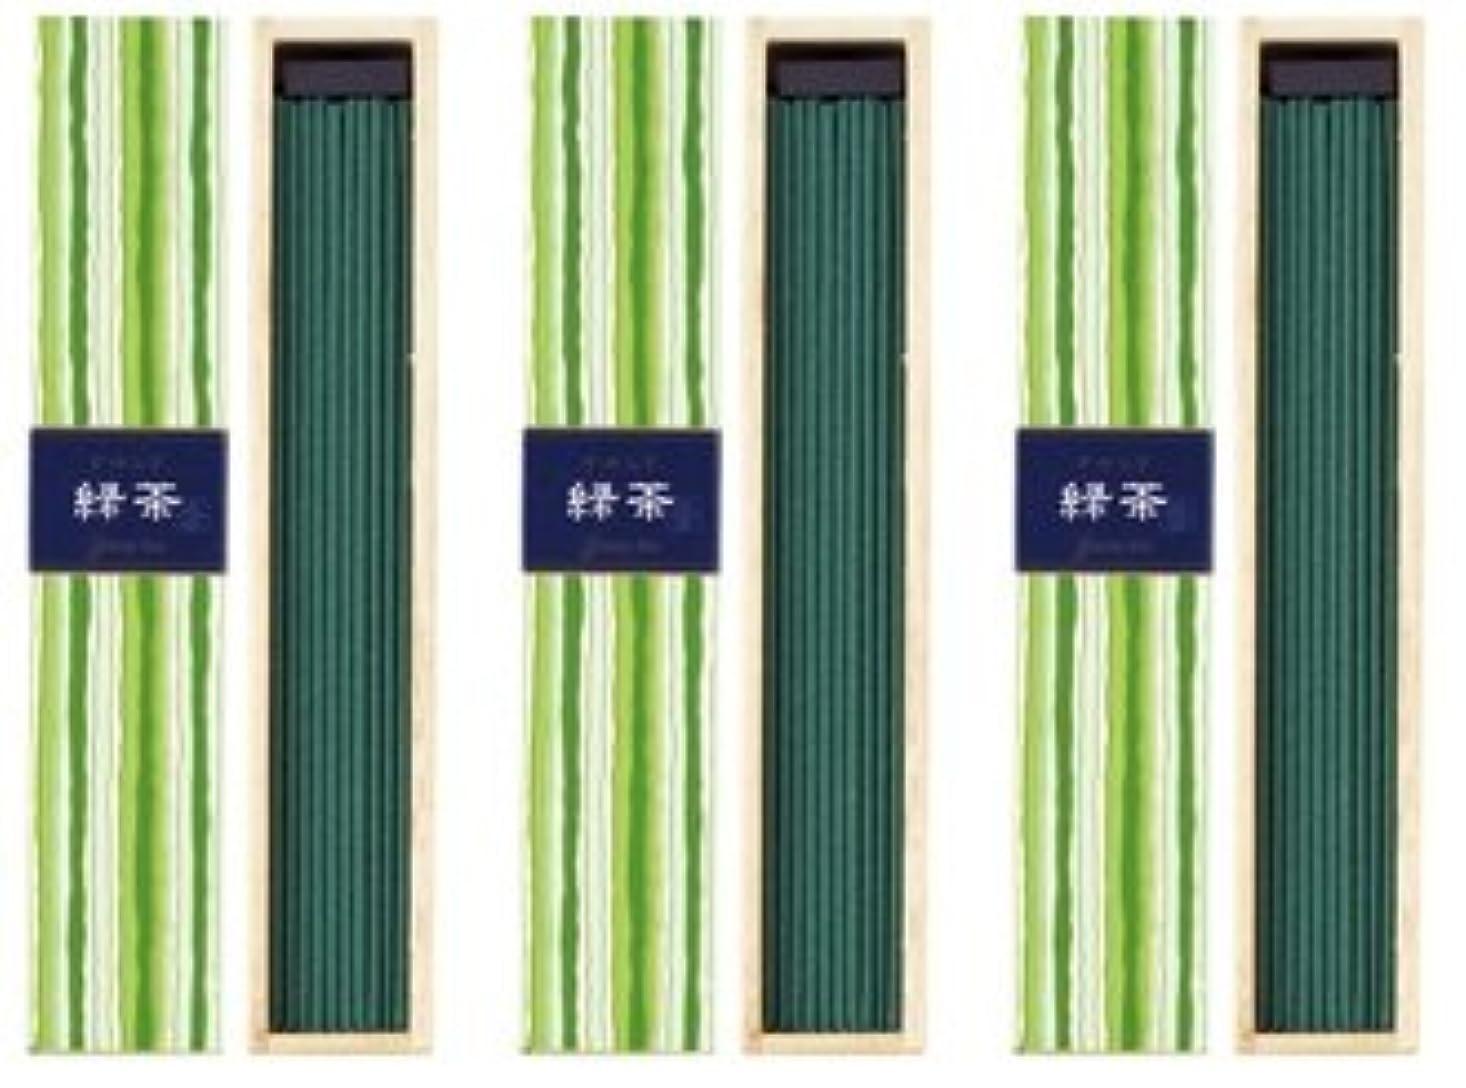 テザーソブリケットホット日本香堂 かゆらぎ 緑茶 スティック40本入 (3箱セット)